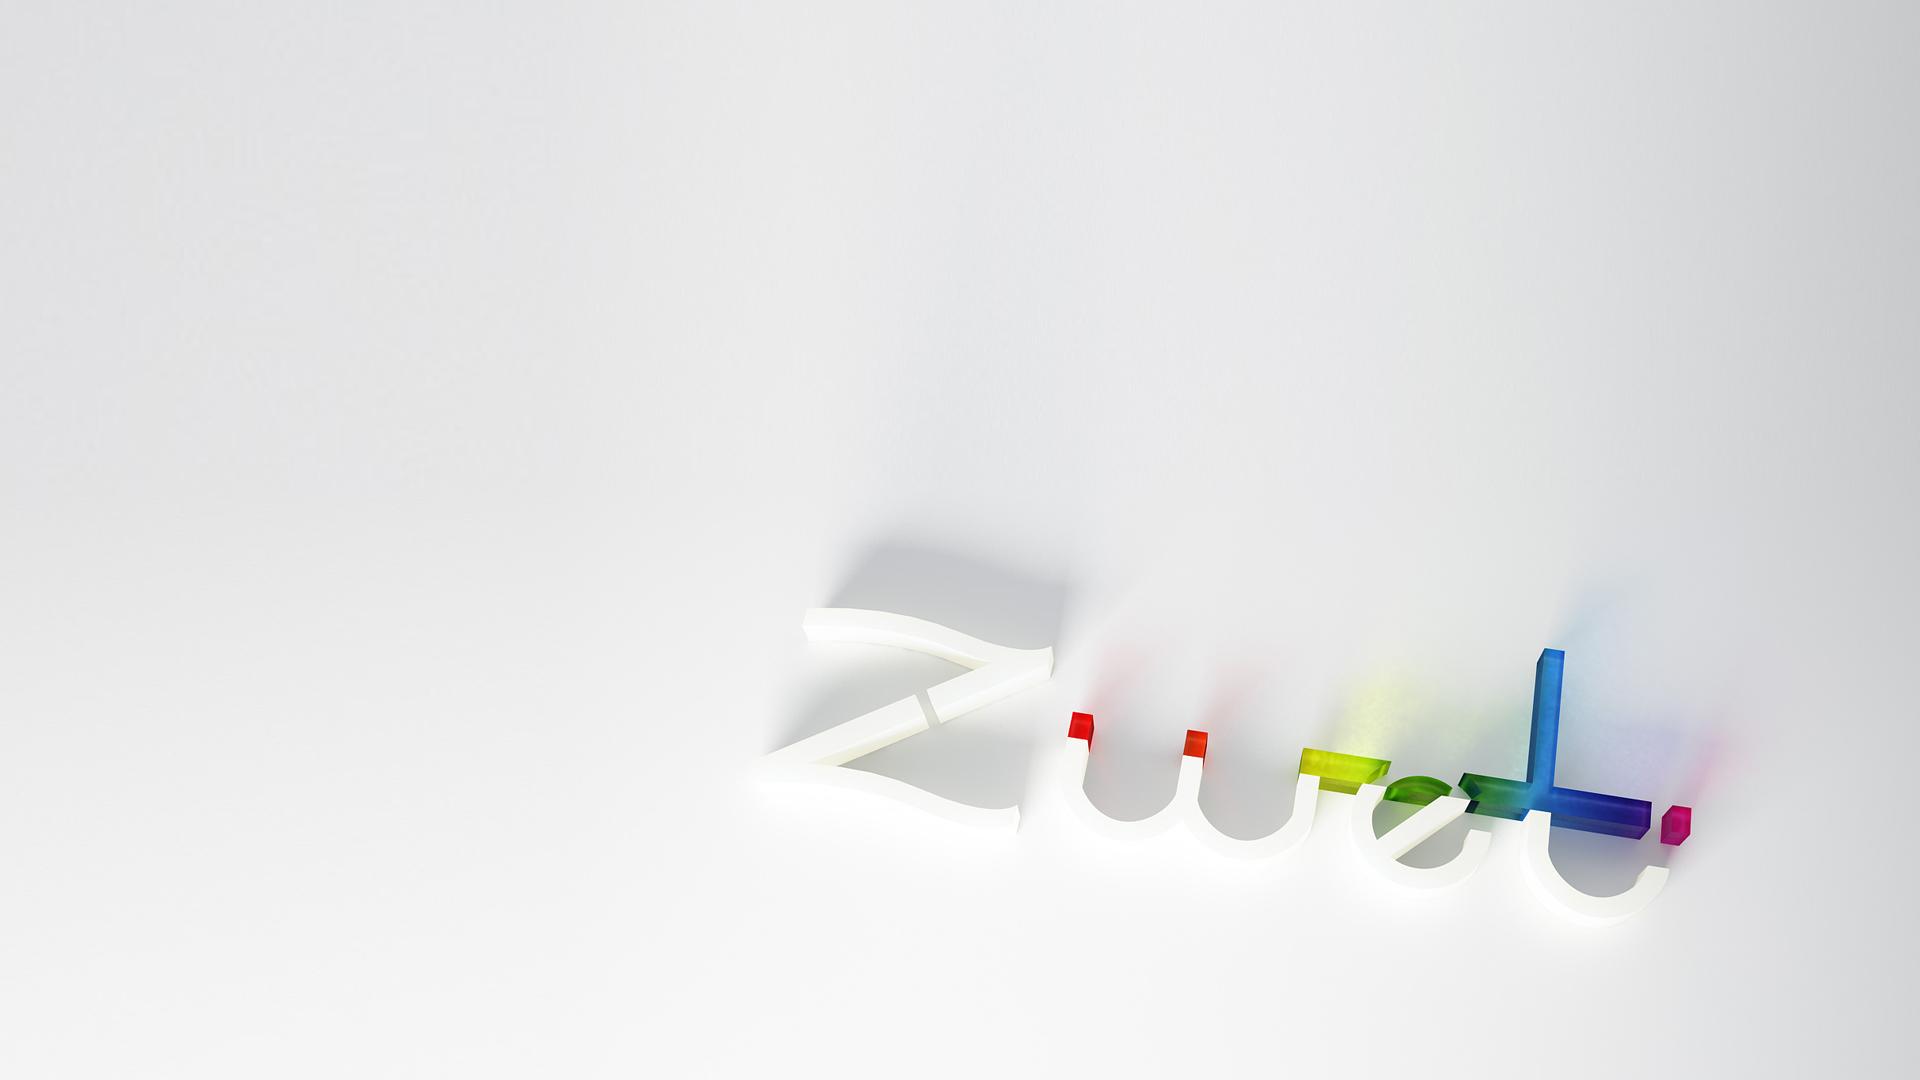 3D-Visualisierung und 3D-Animation